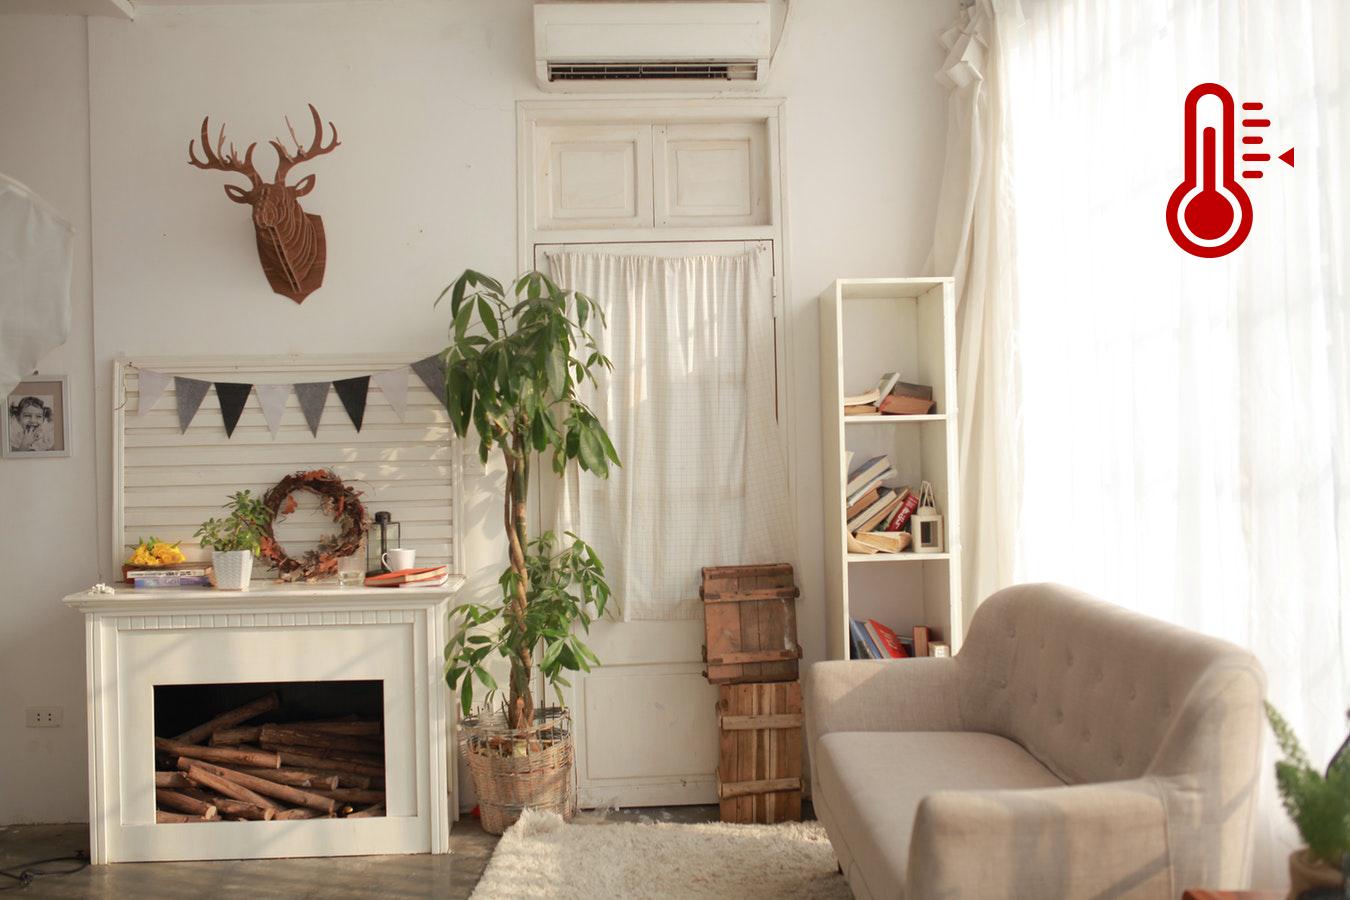 8 astuces conomiques pour isoler votre logement du froid ou de la chaleur des id es. Black Bedroom Furniture Sets. Home Design Ideas